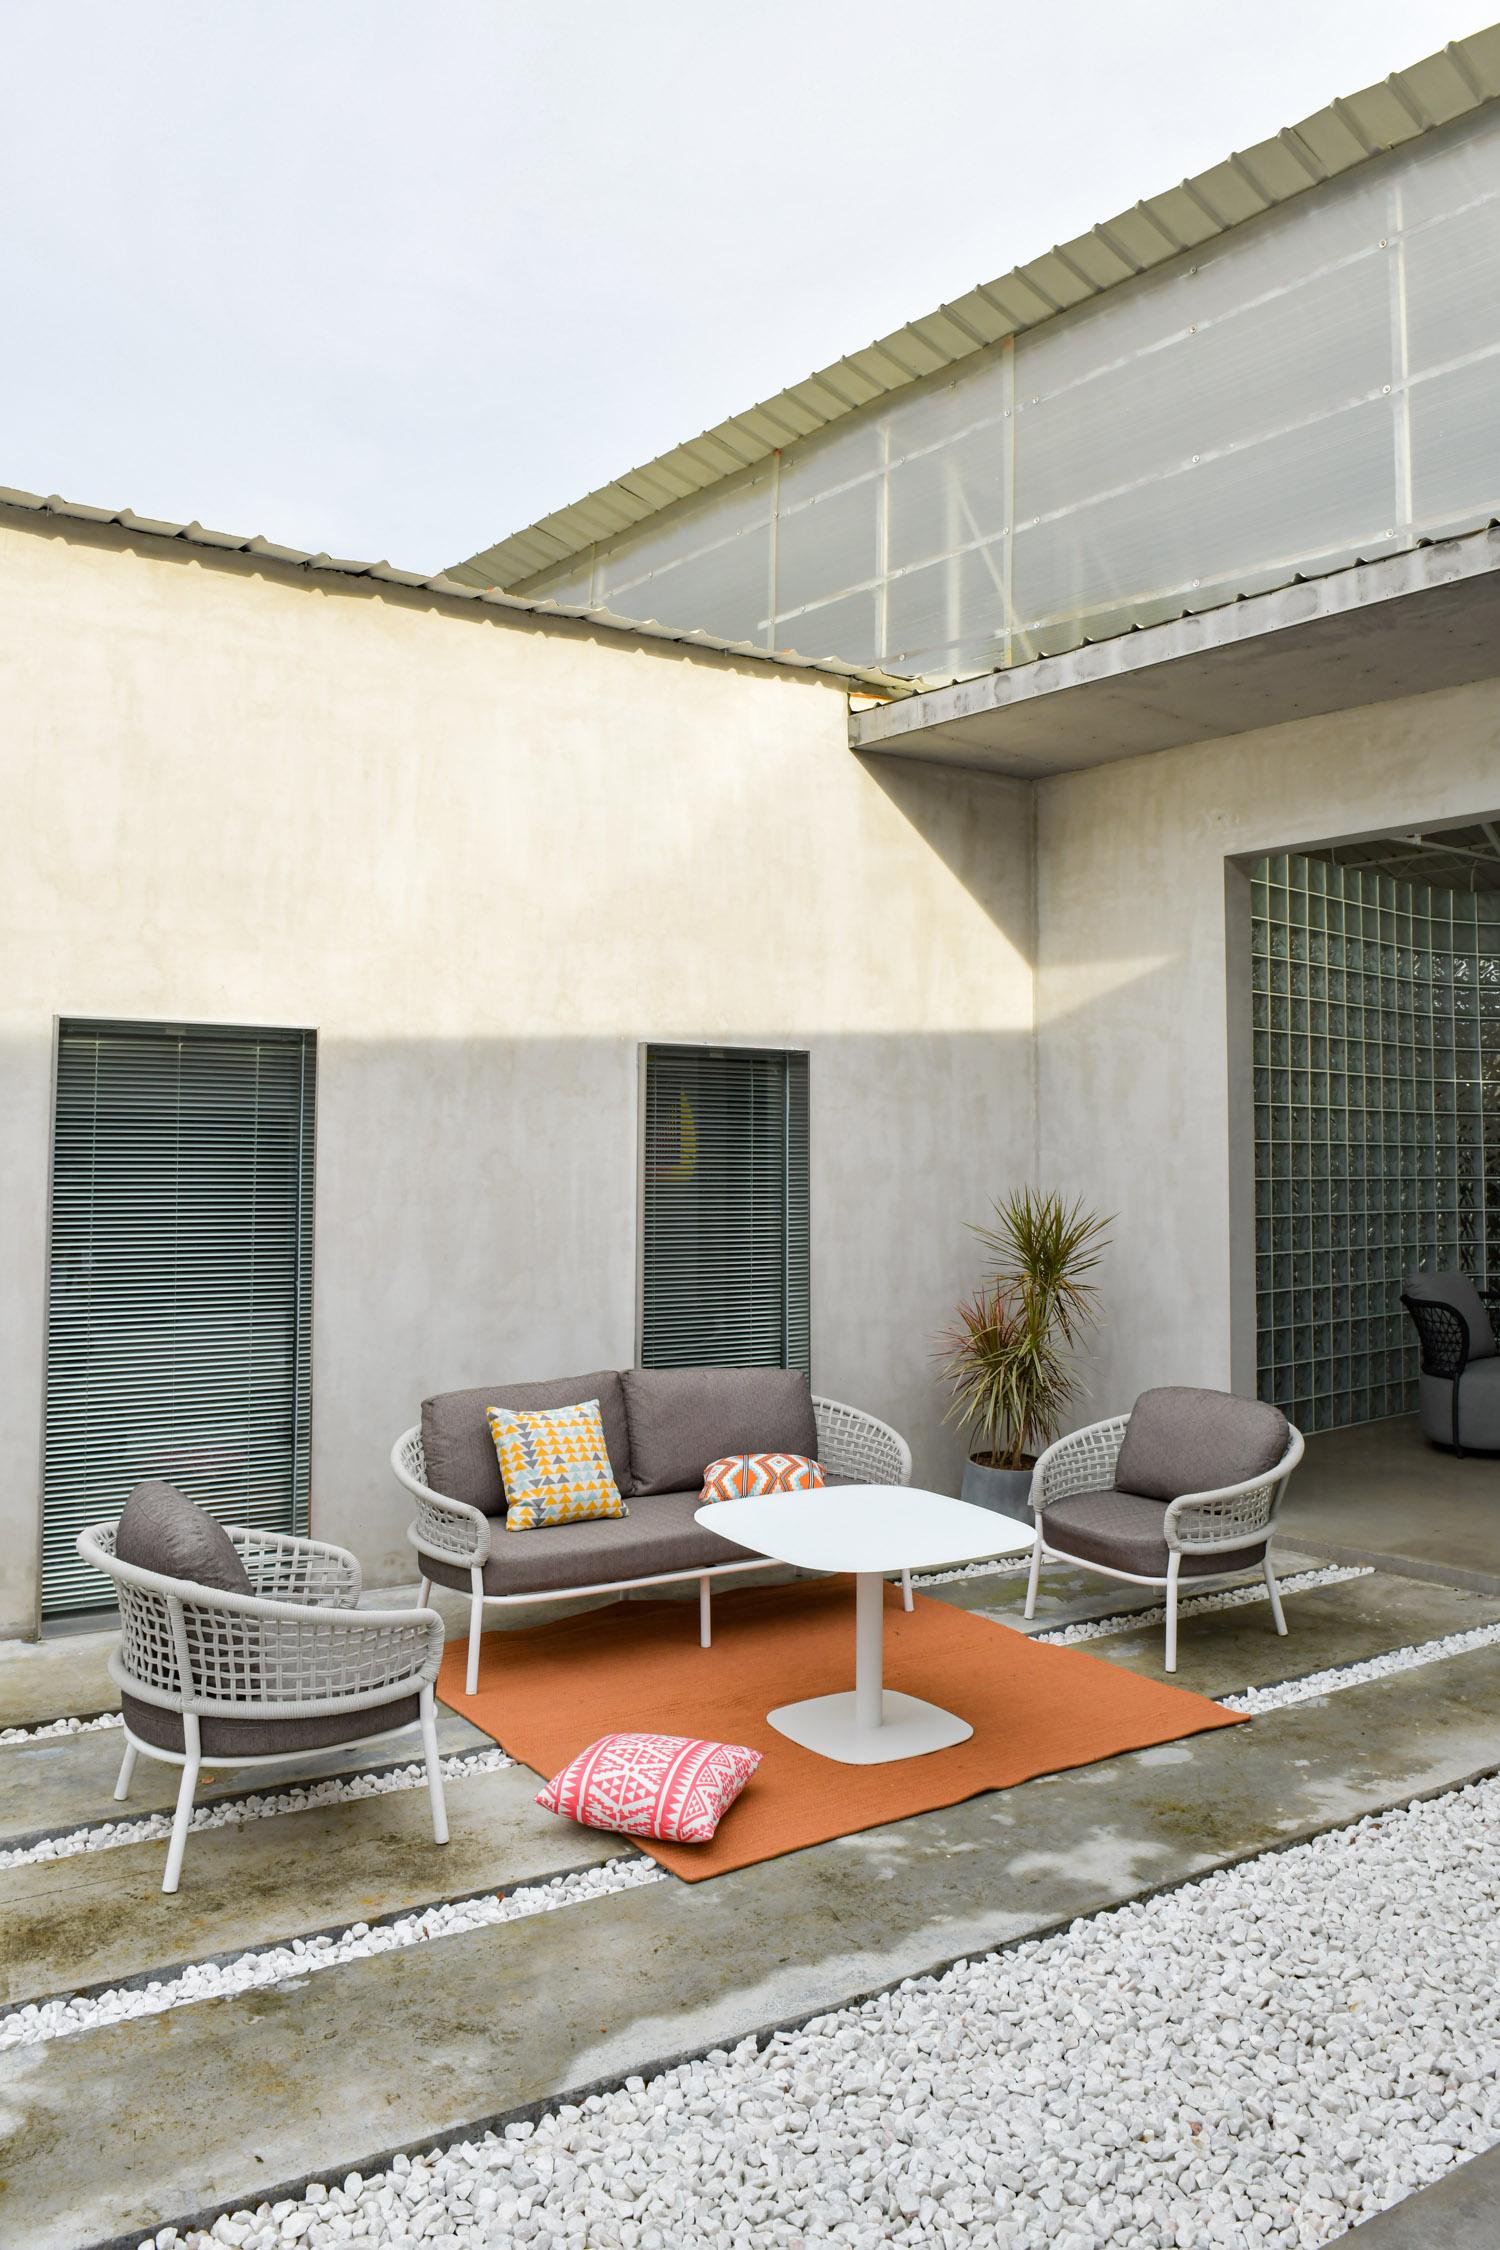 现代系列卡罗织带沙发白色